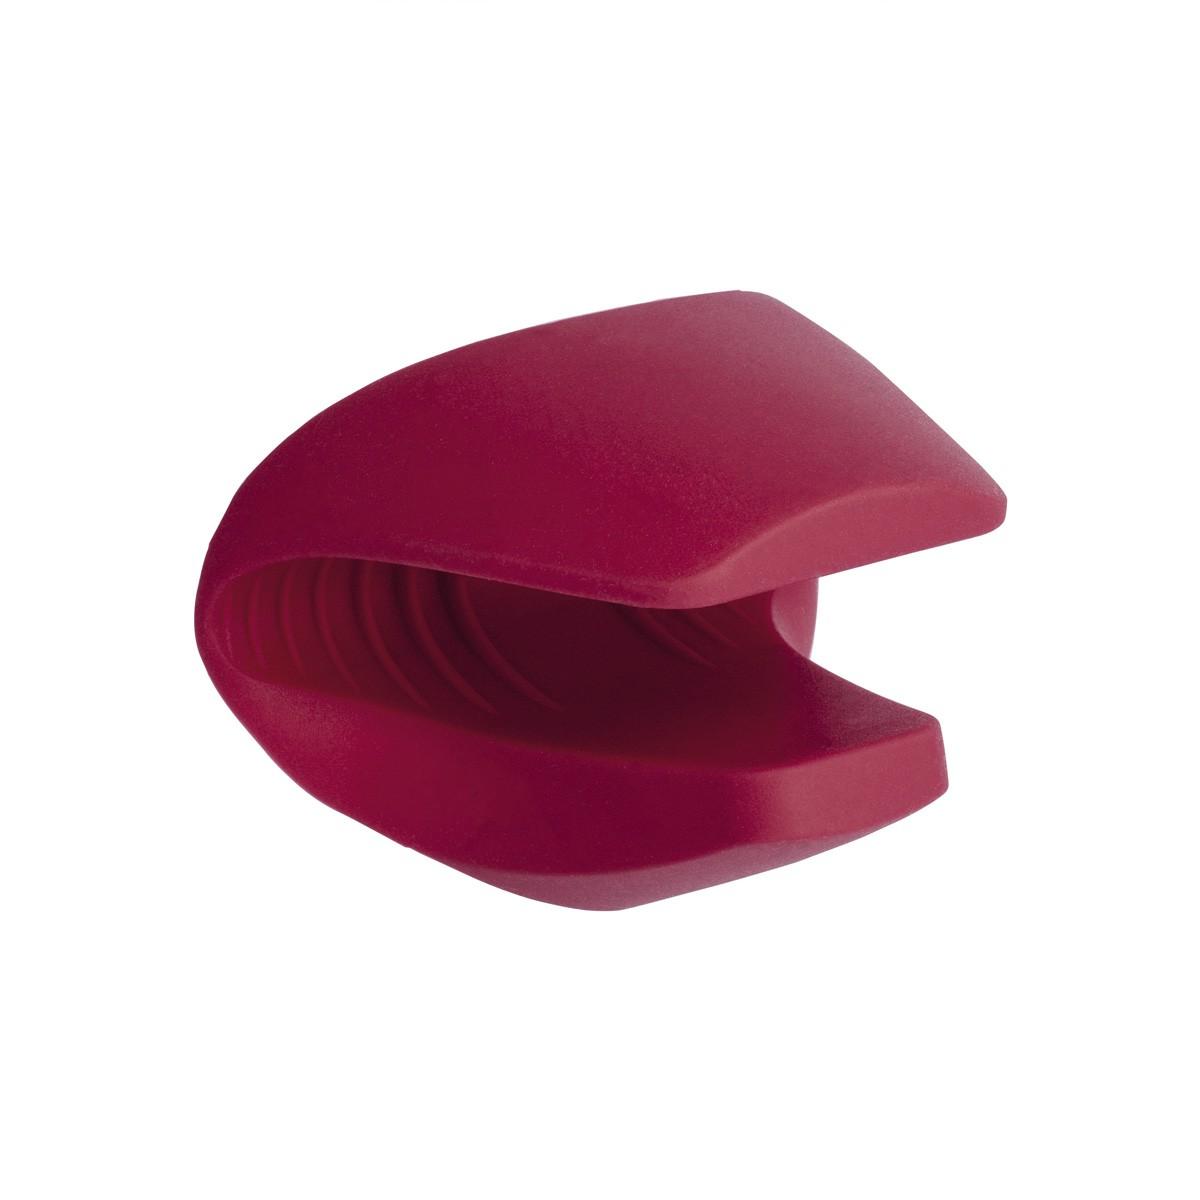 Luva Térmica para Cozinha de Silicone com Bico Vermelha